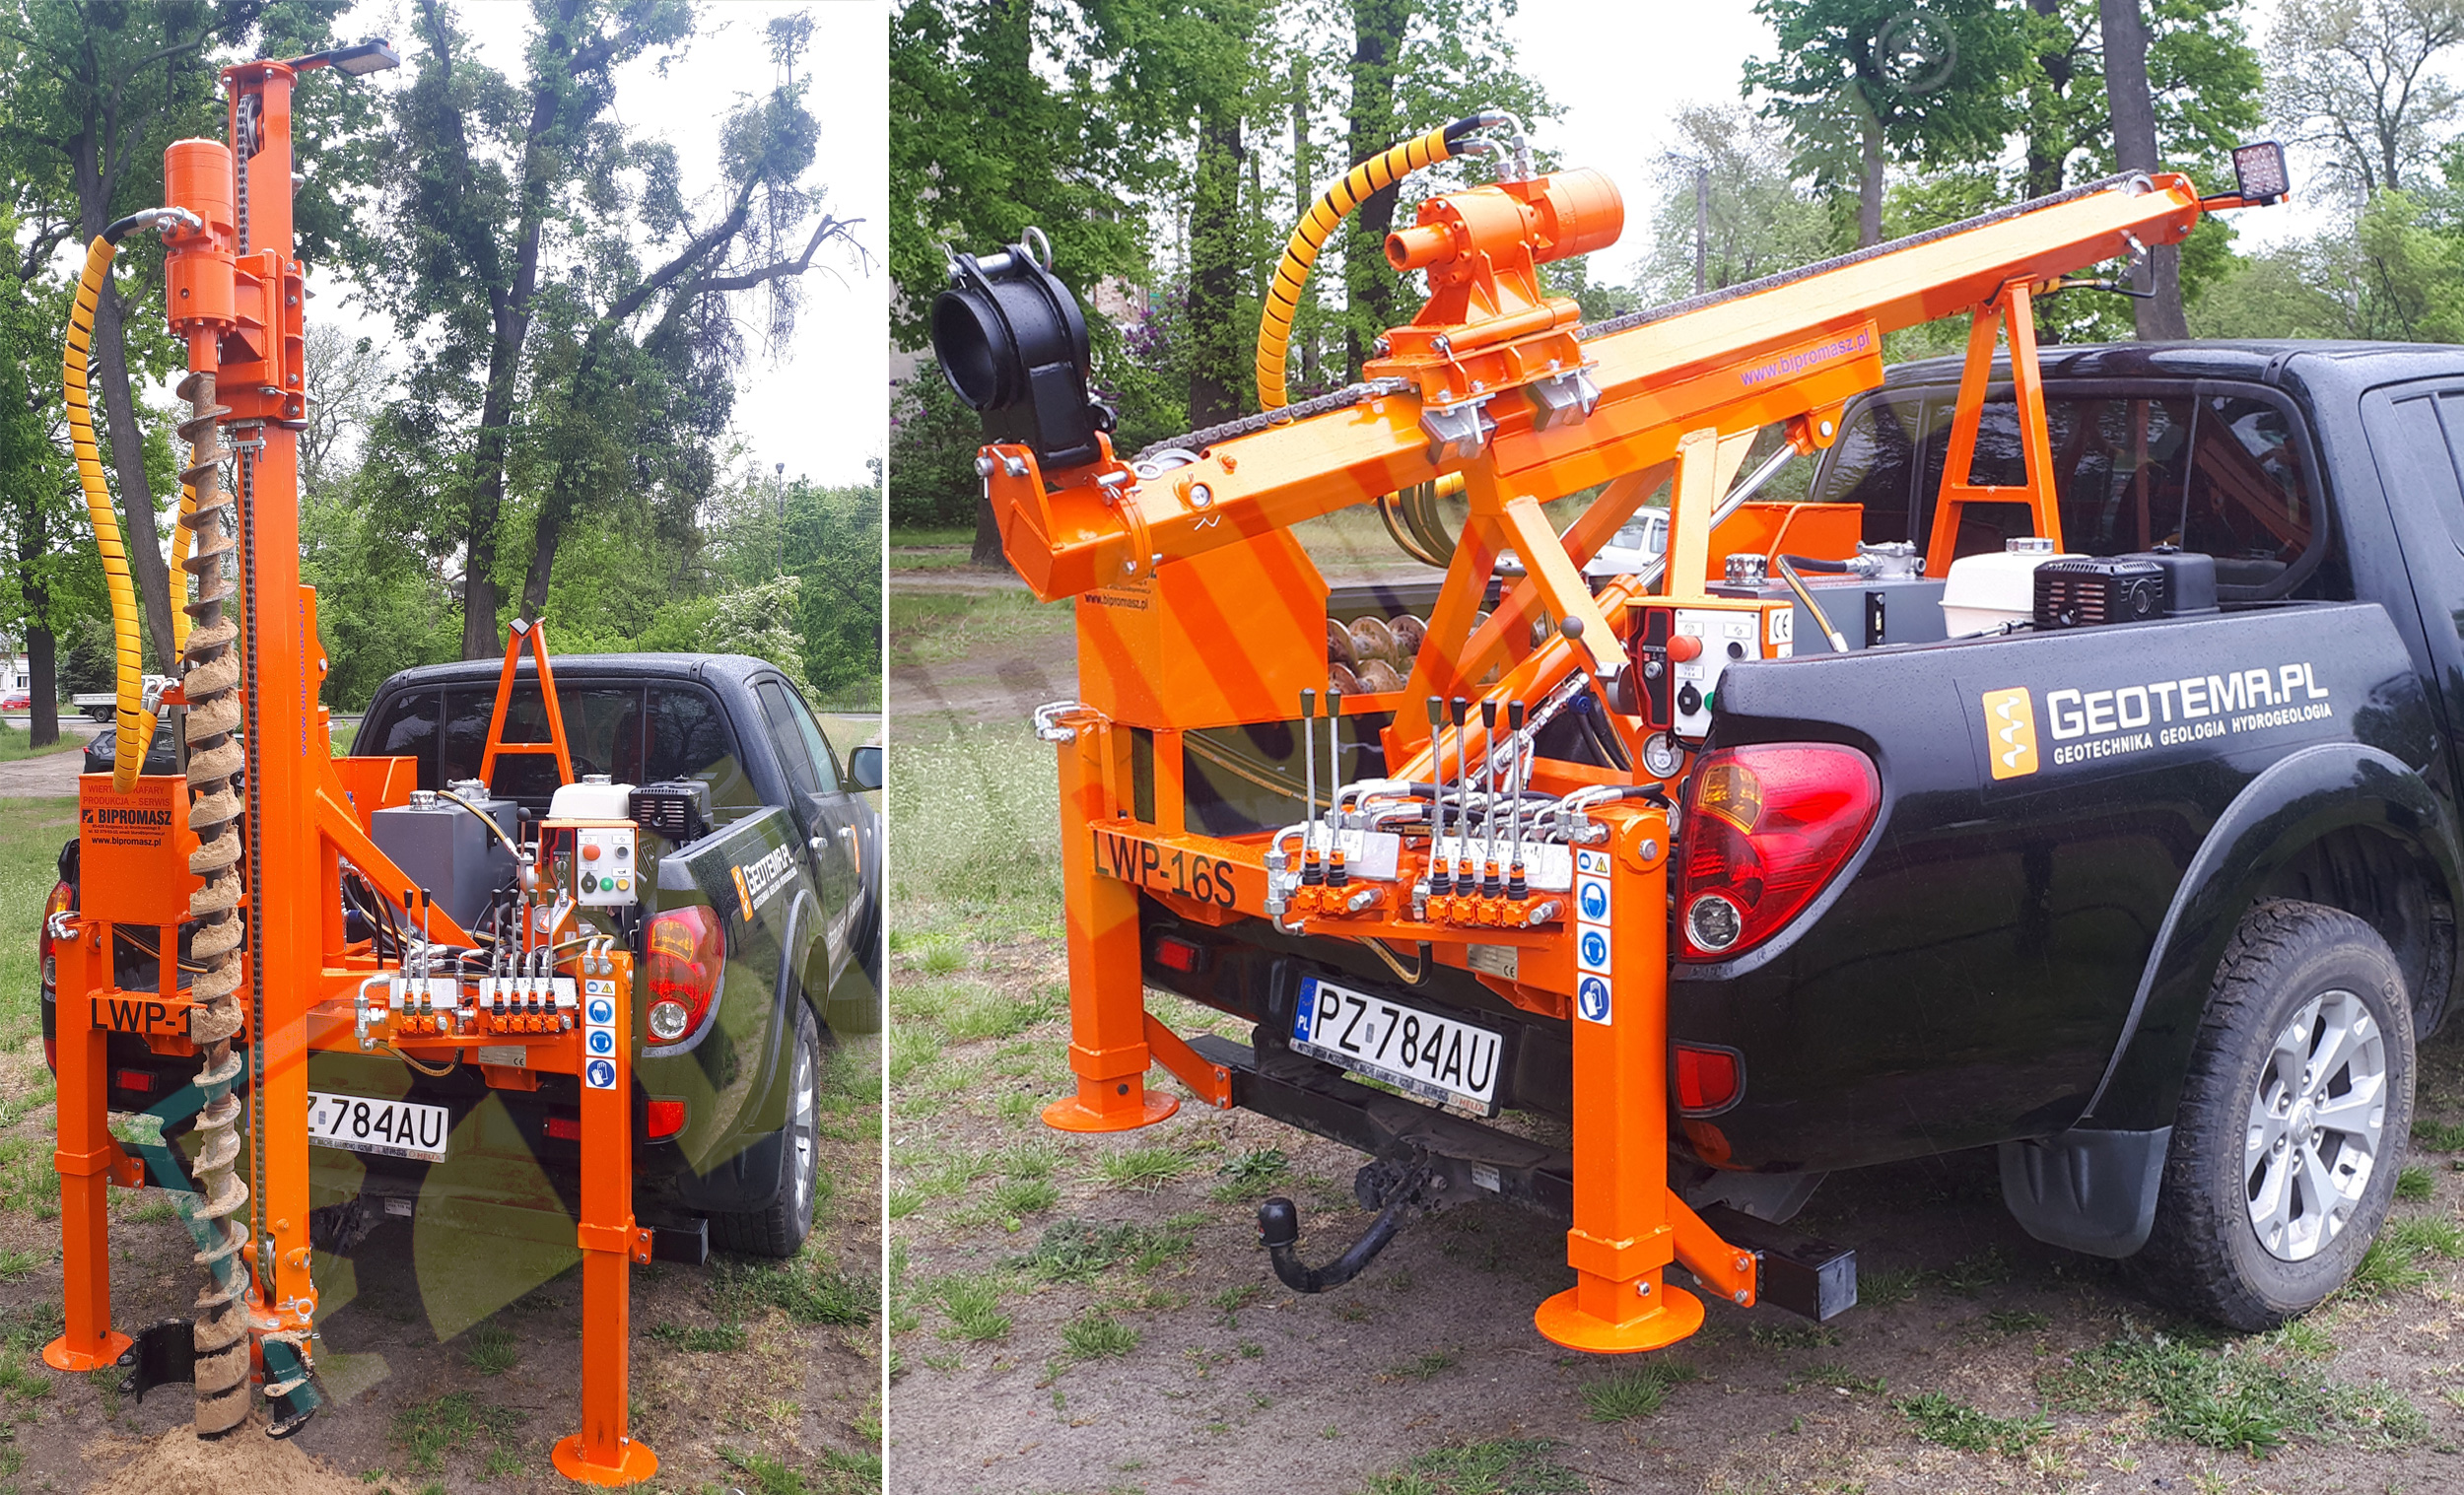 Lekka wiertnica geologiczna na samochodzie pick-up LWP16S produkcji Bipromasz